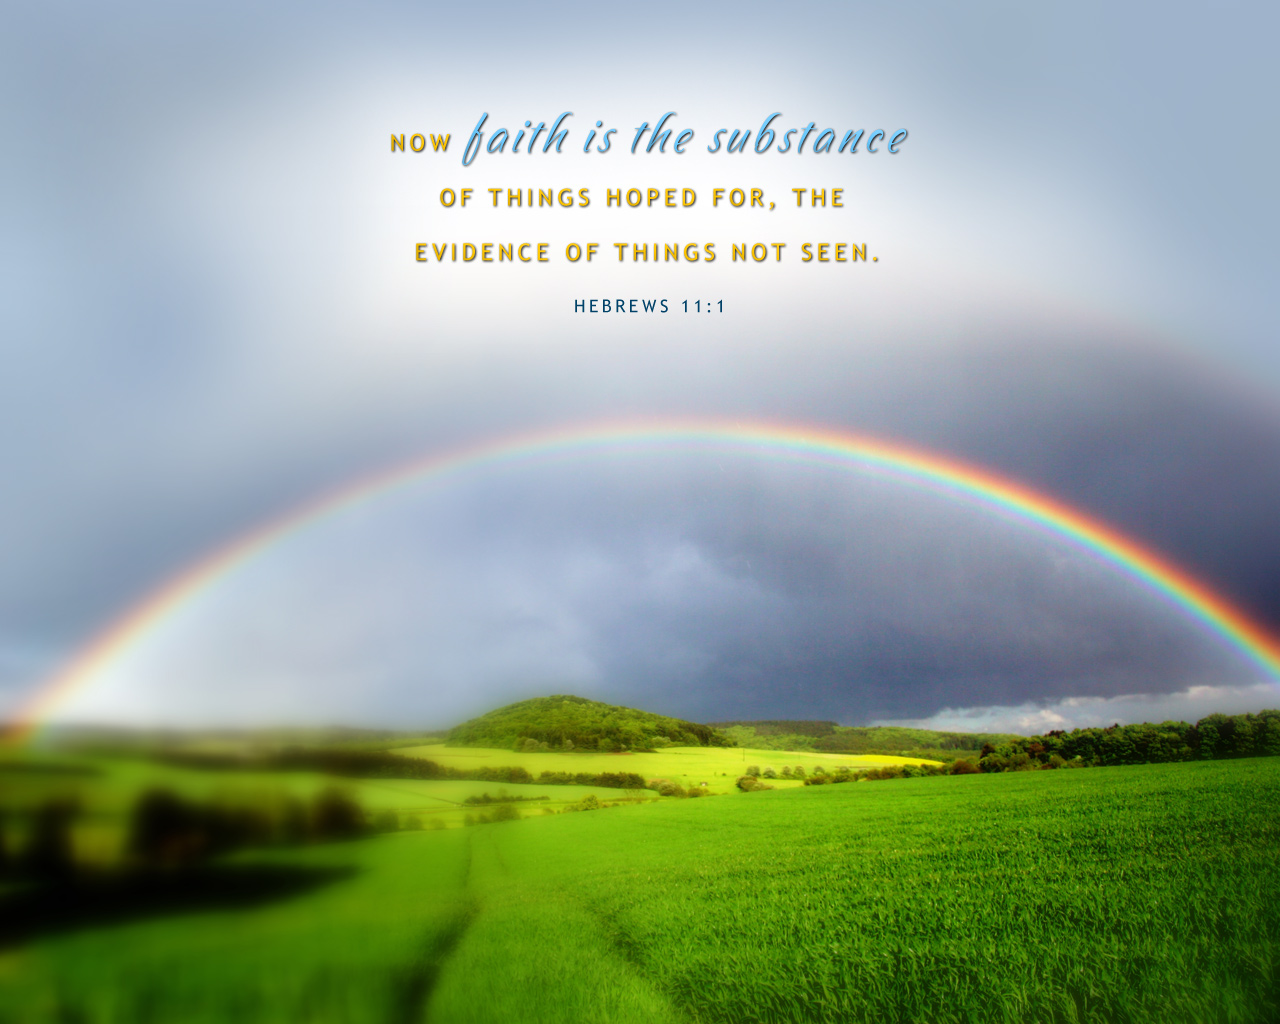 Rainbow Faith Substance 450x360 THE FOUR KEY FAITH FORMULAR 1280x1024